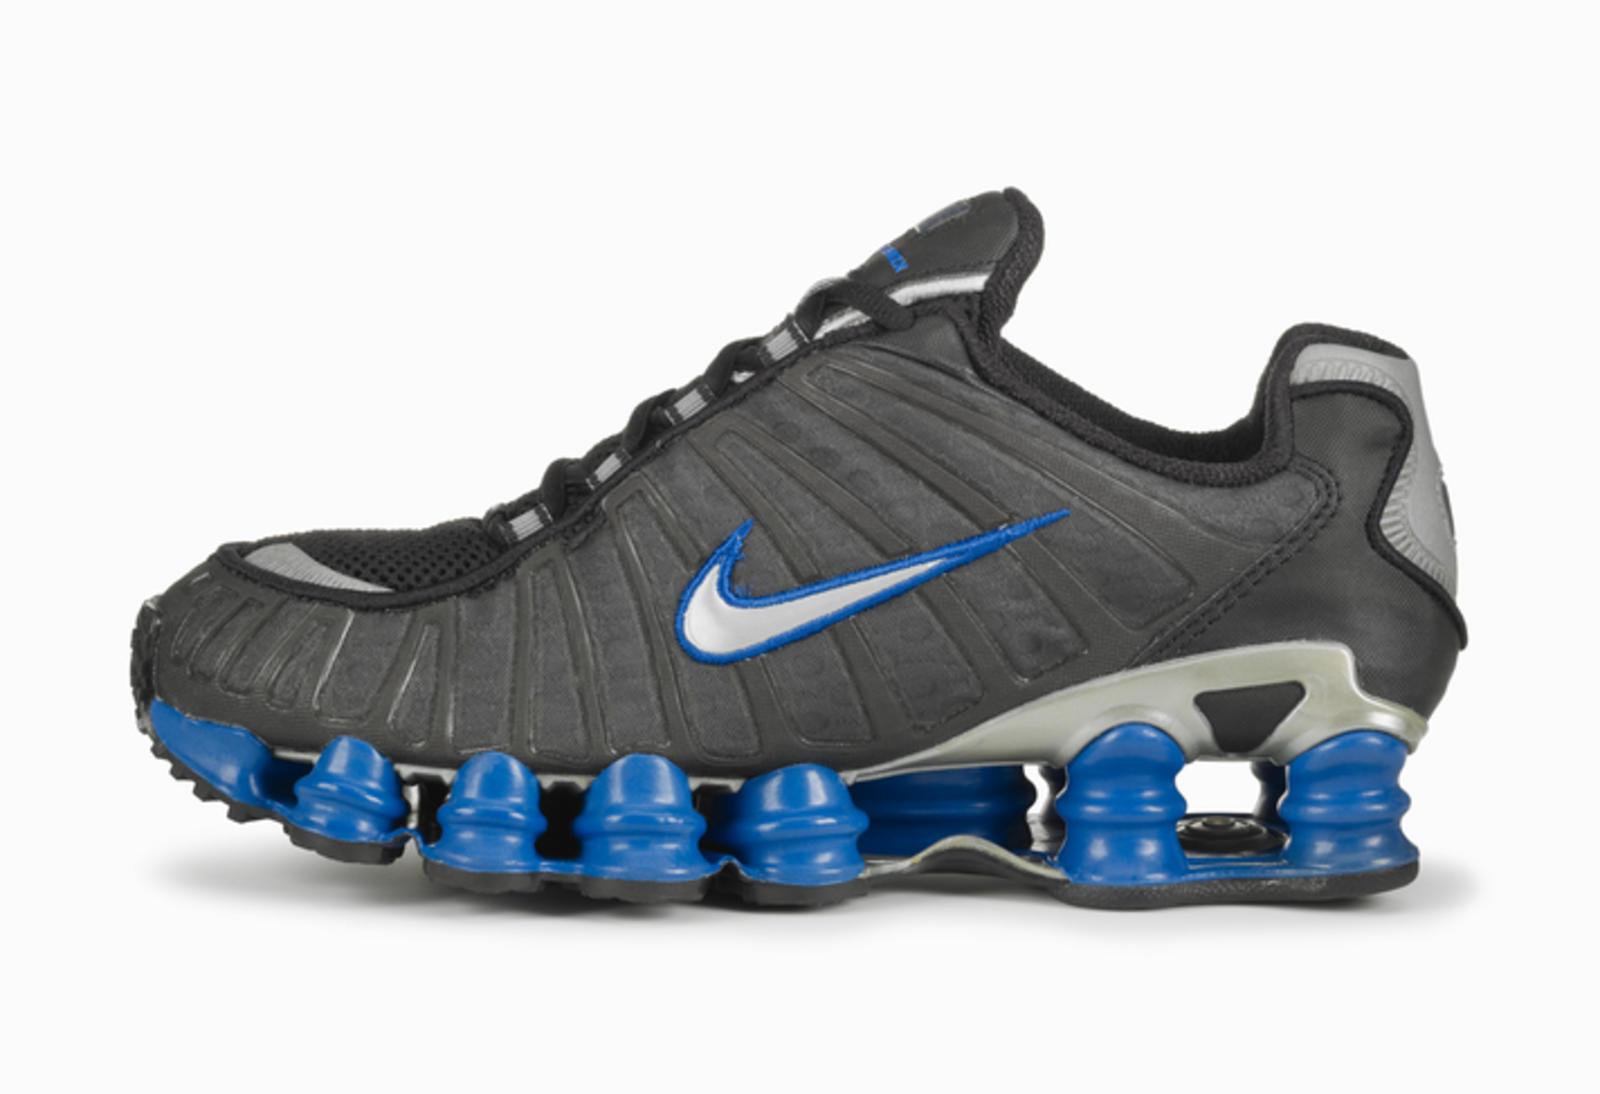 975e3a5a6 Nike Shox TL 2003 - WearTesters